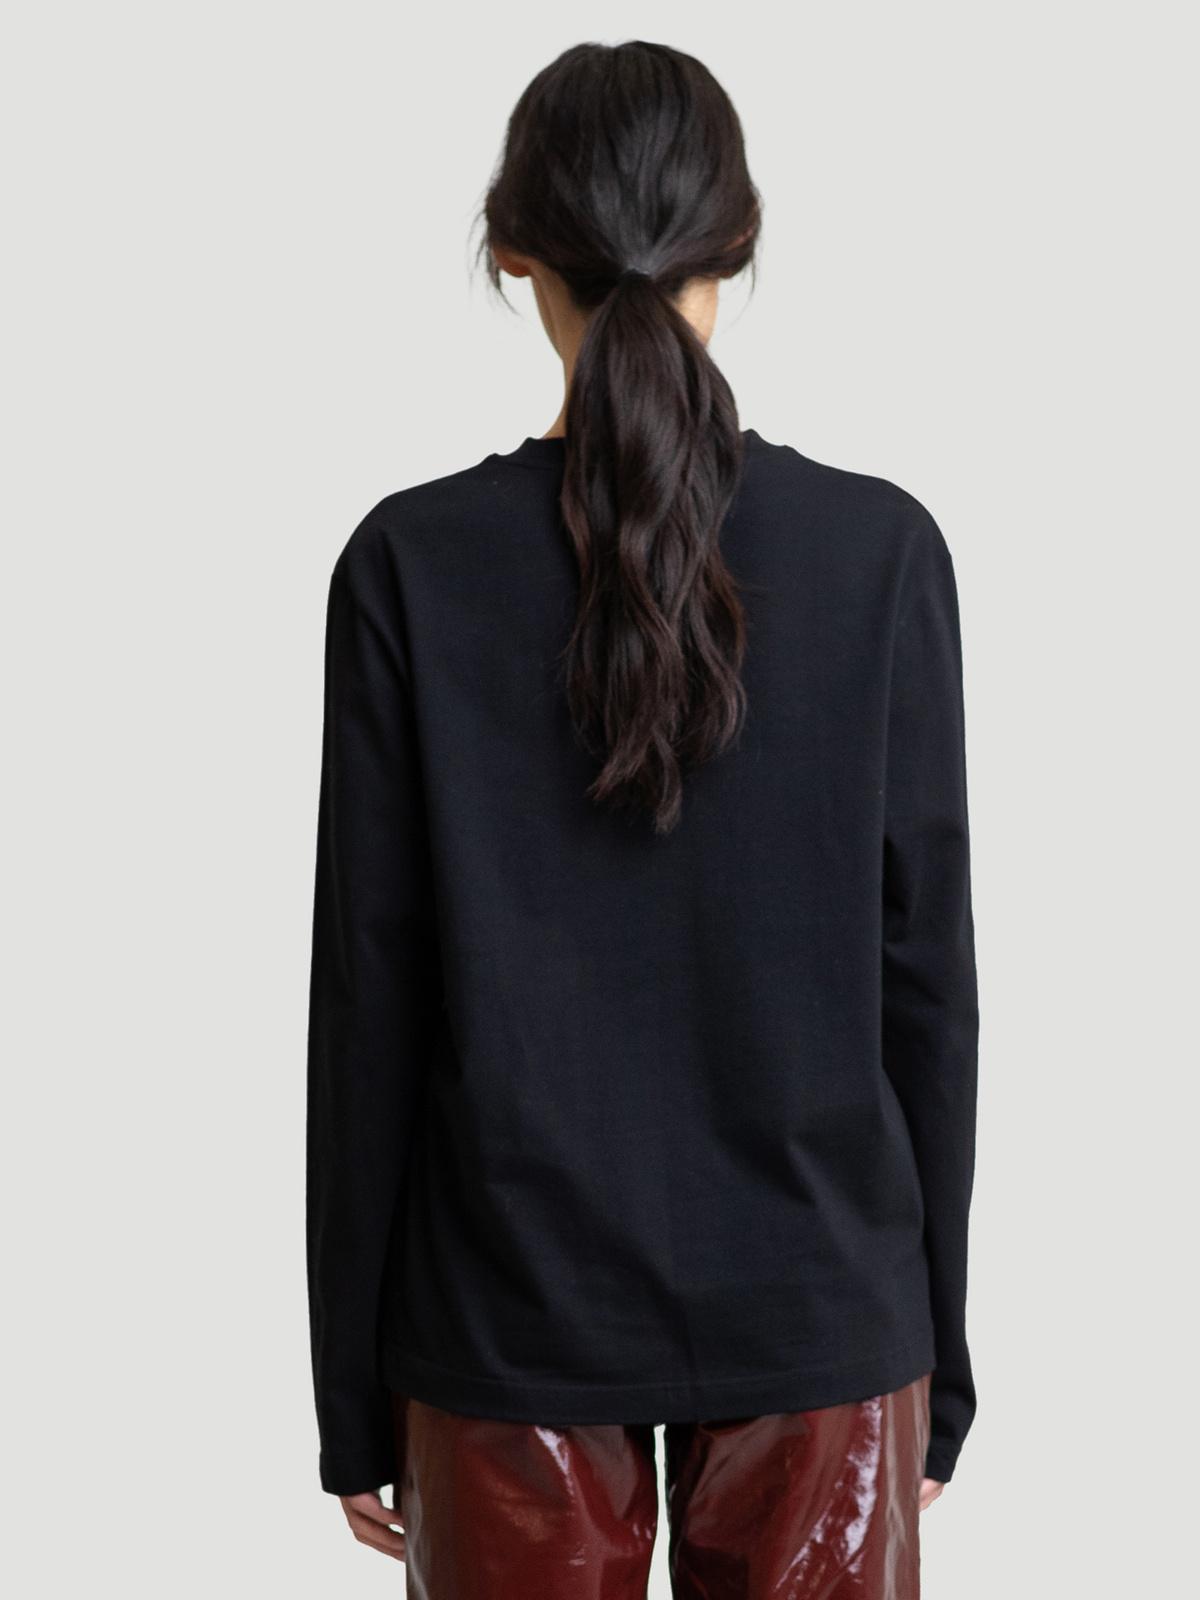 Hanger Longsleeve Black 11